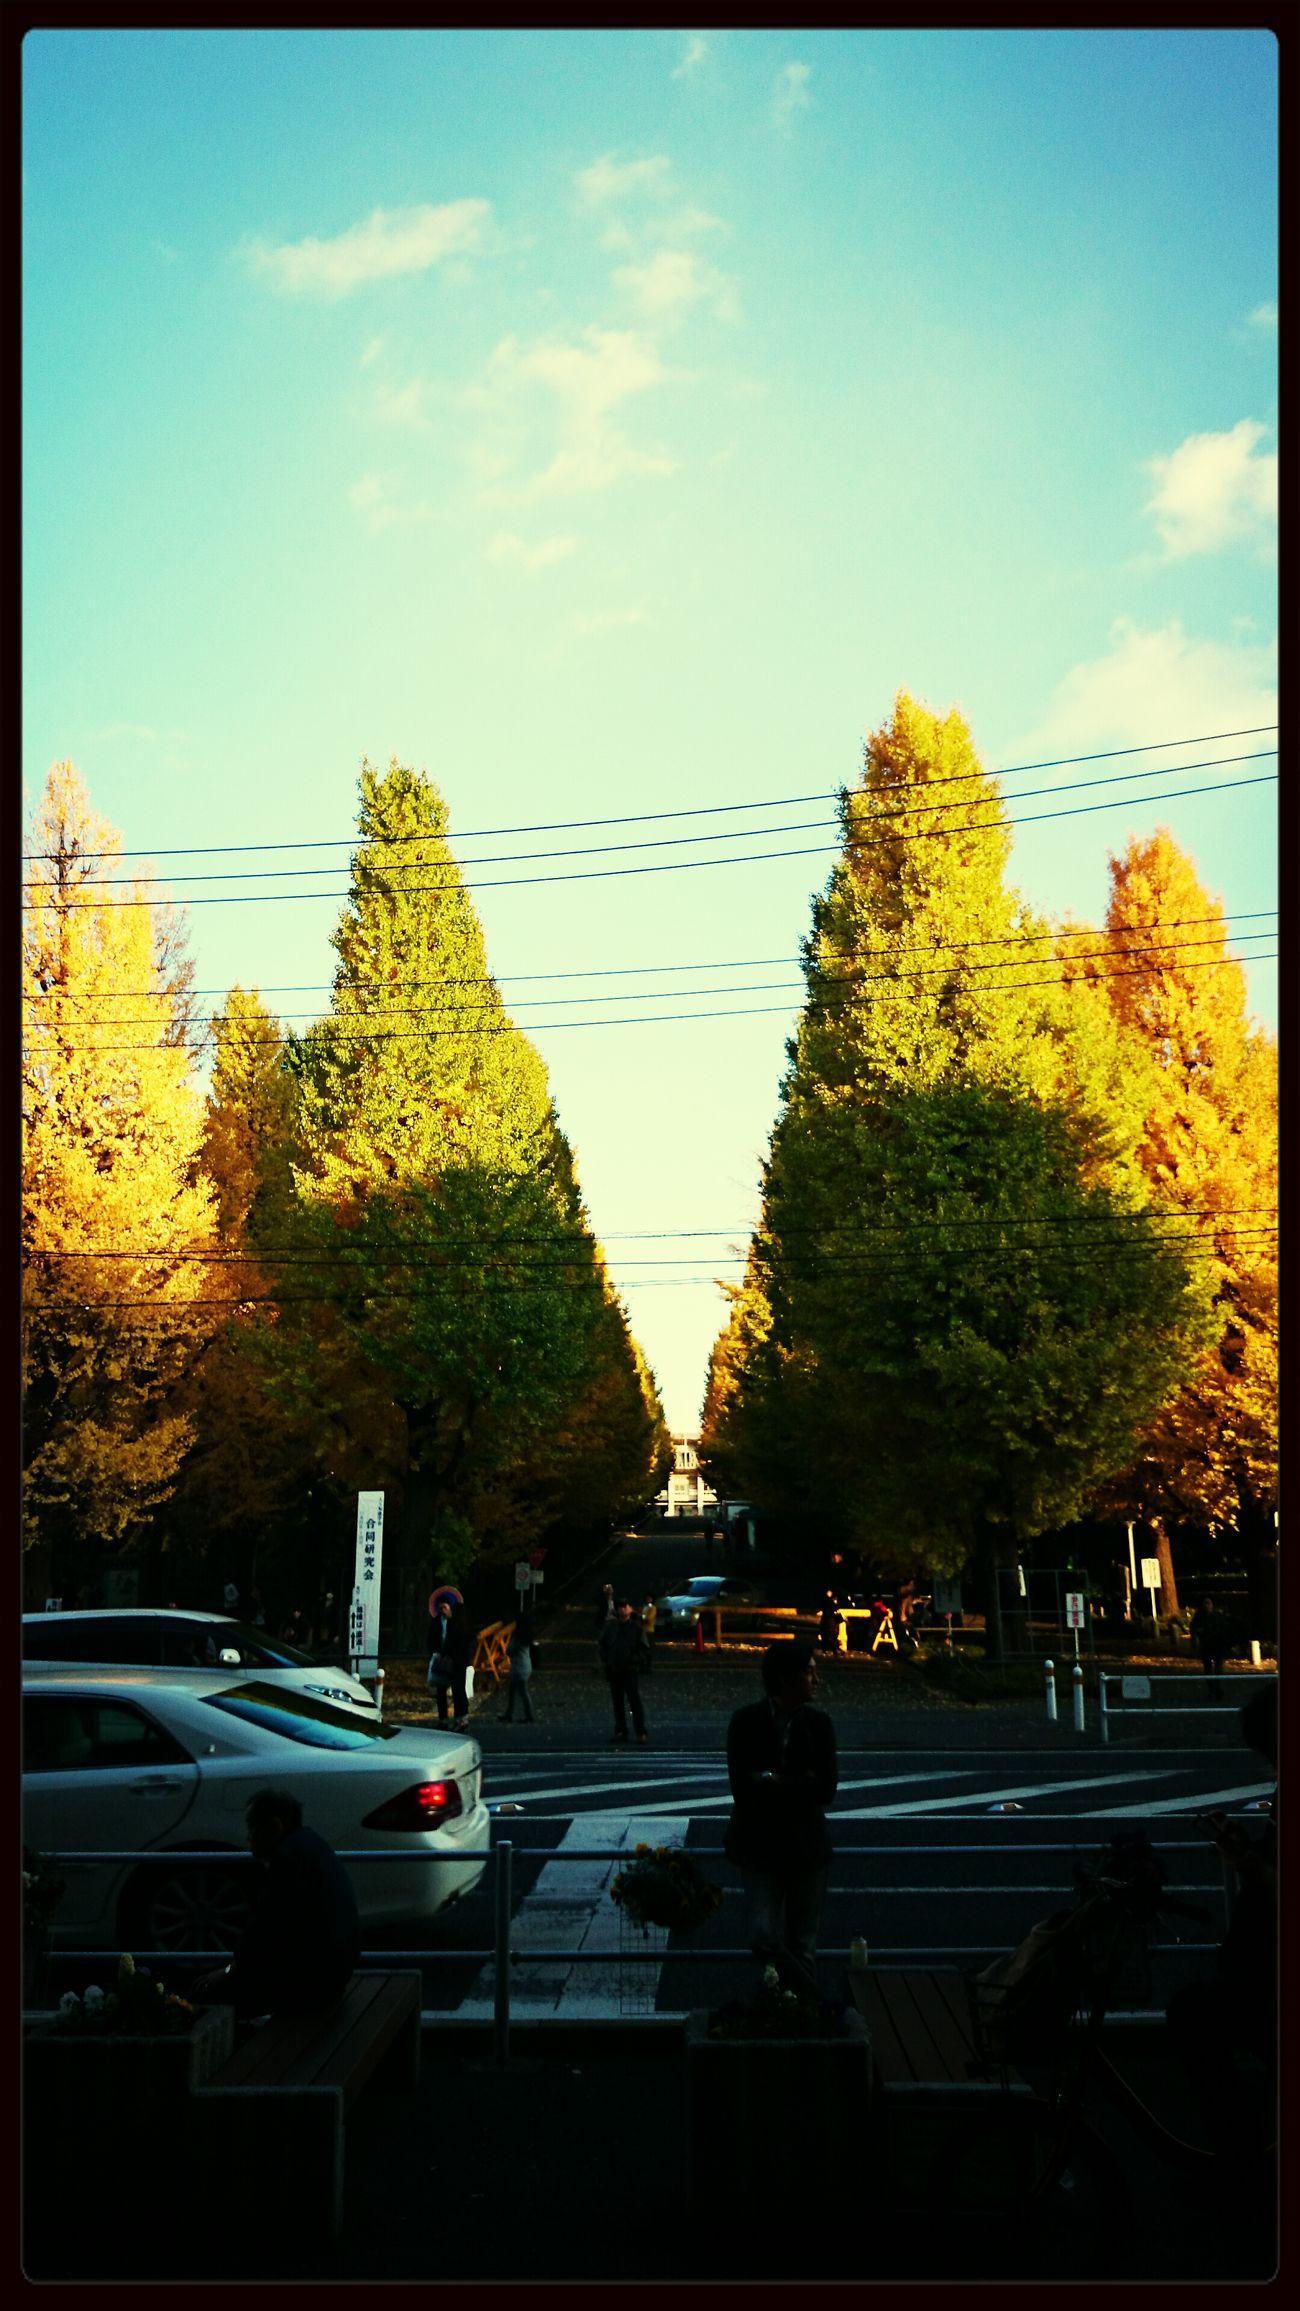 慶應義塾大学!!!!やべー笑